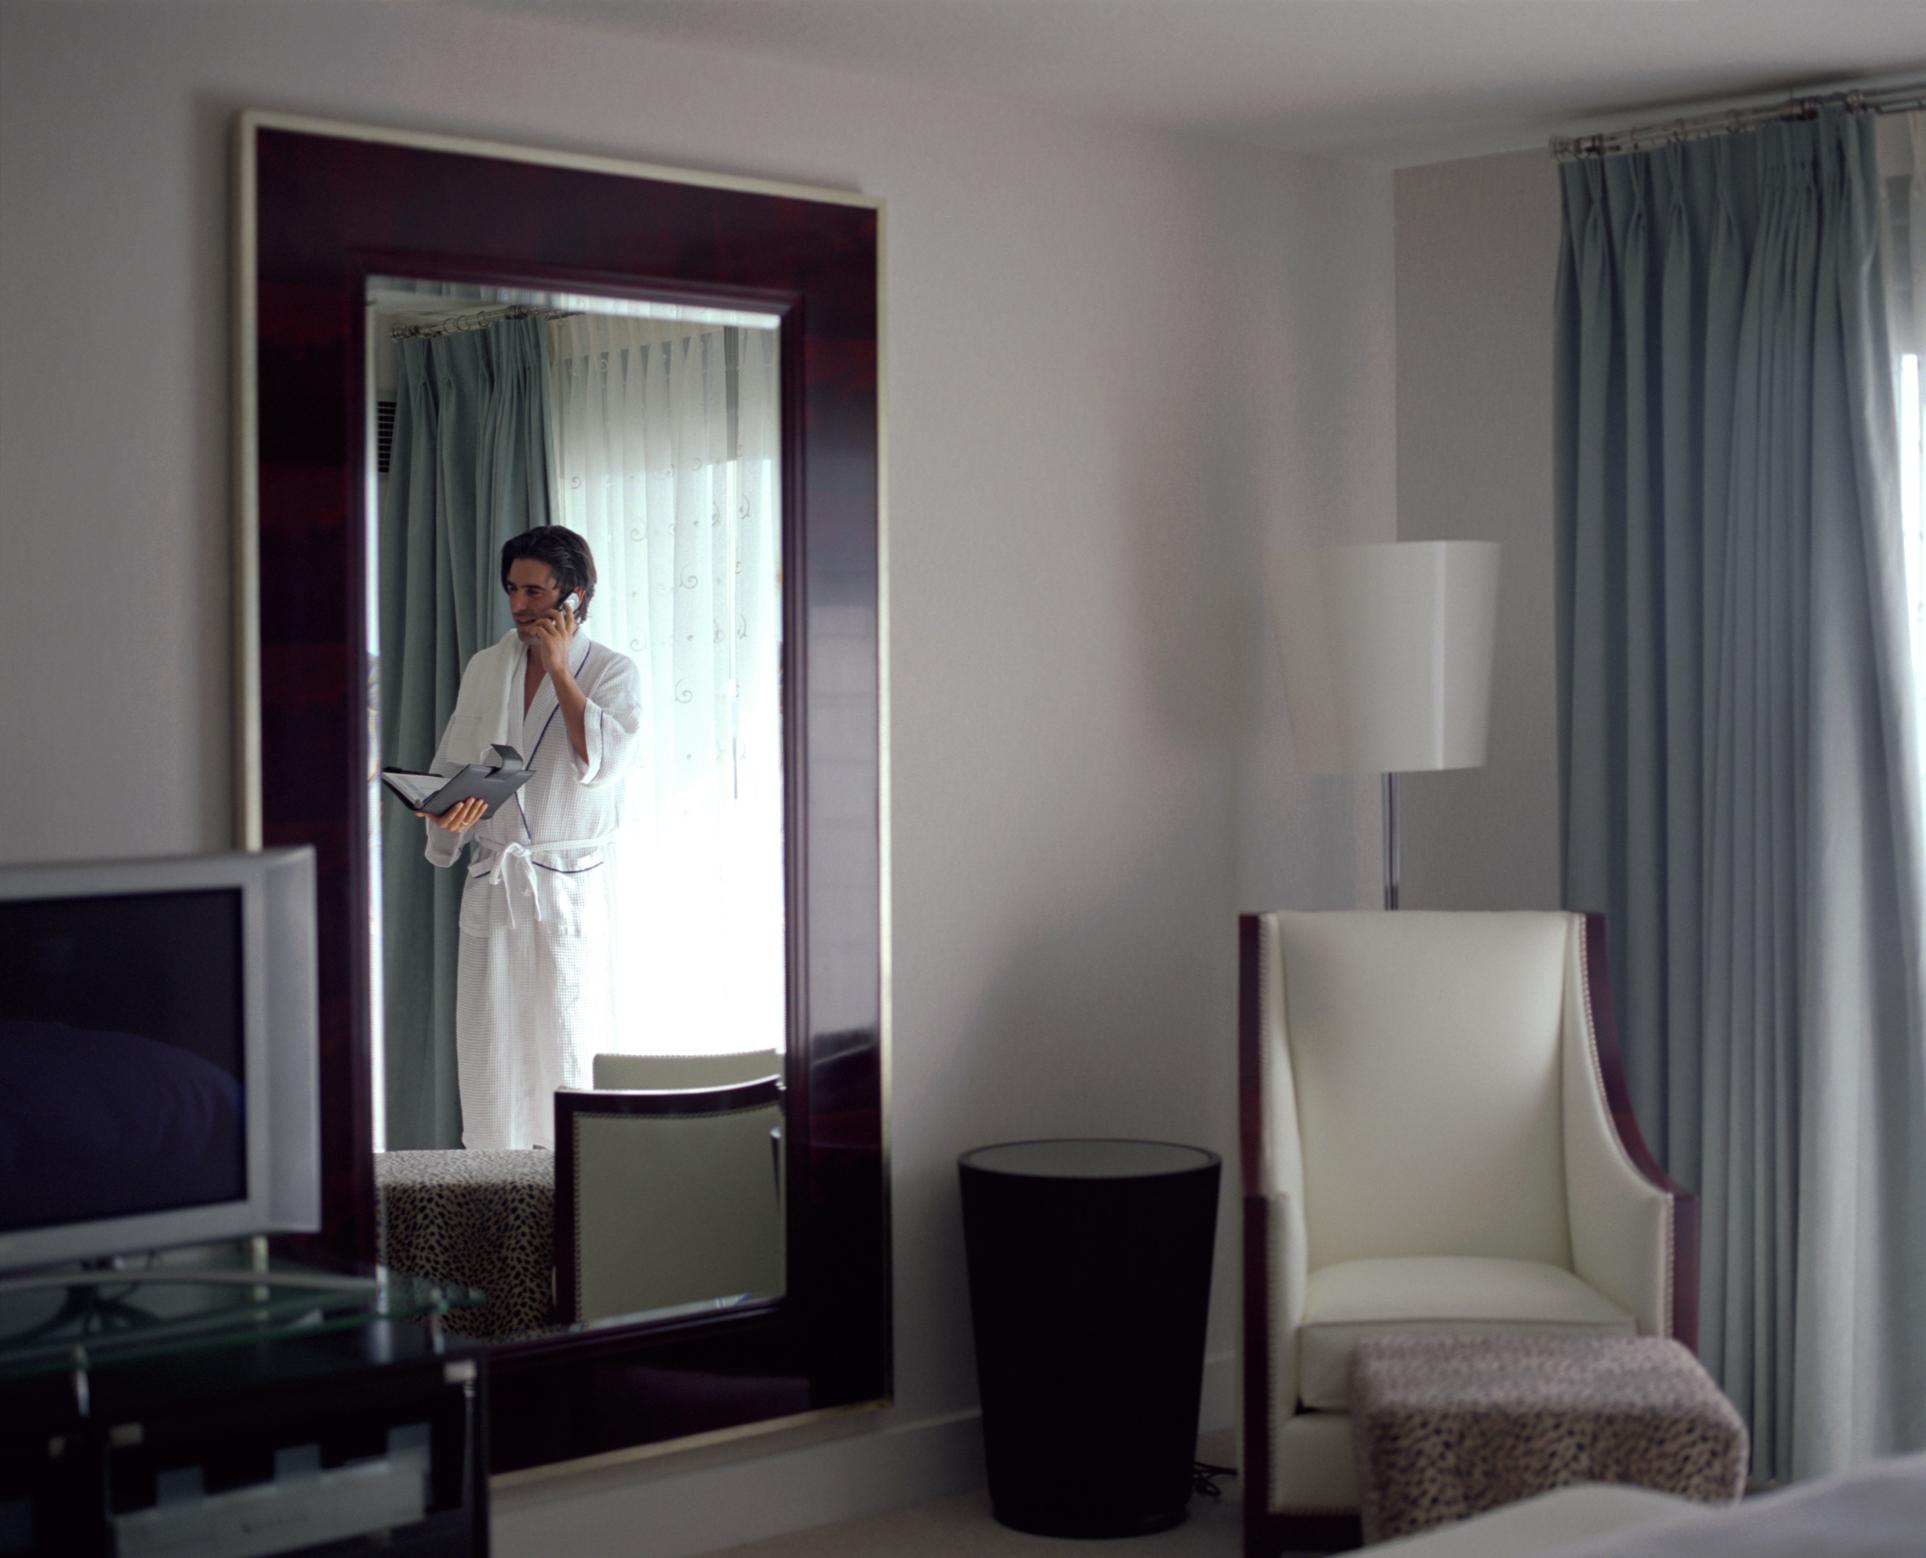 Cómo colocar un televisor detrás de un espejo de dos vías | Techlandia